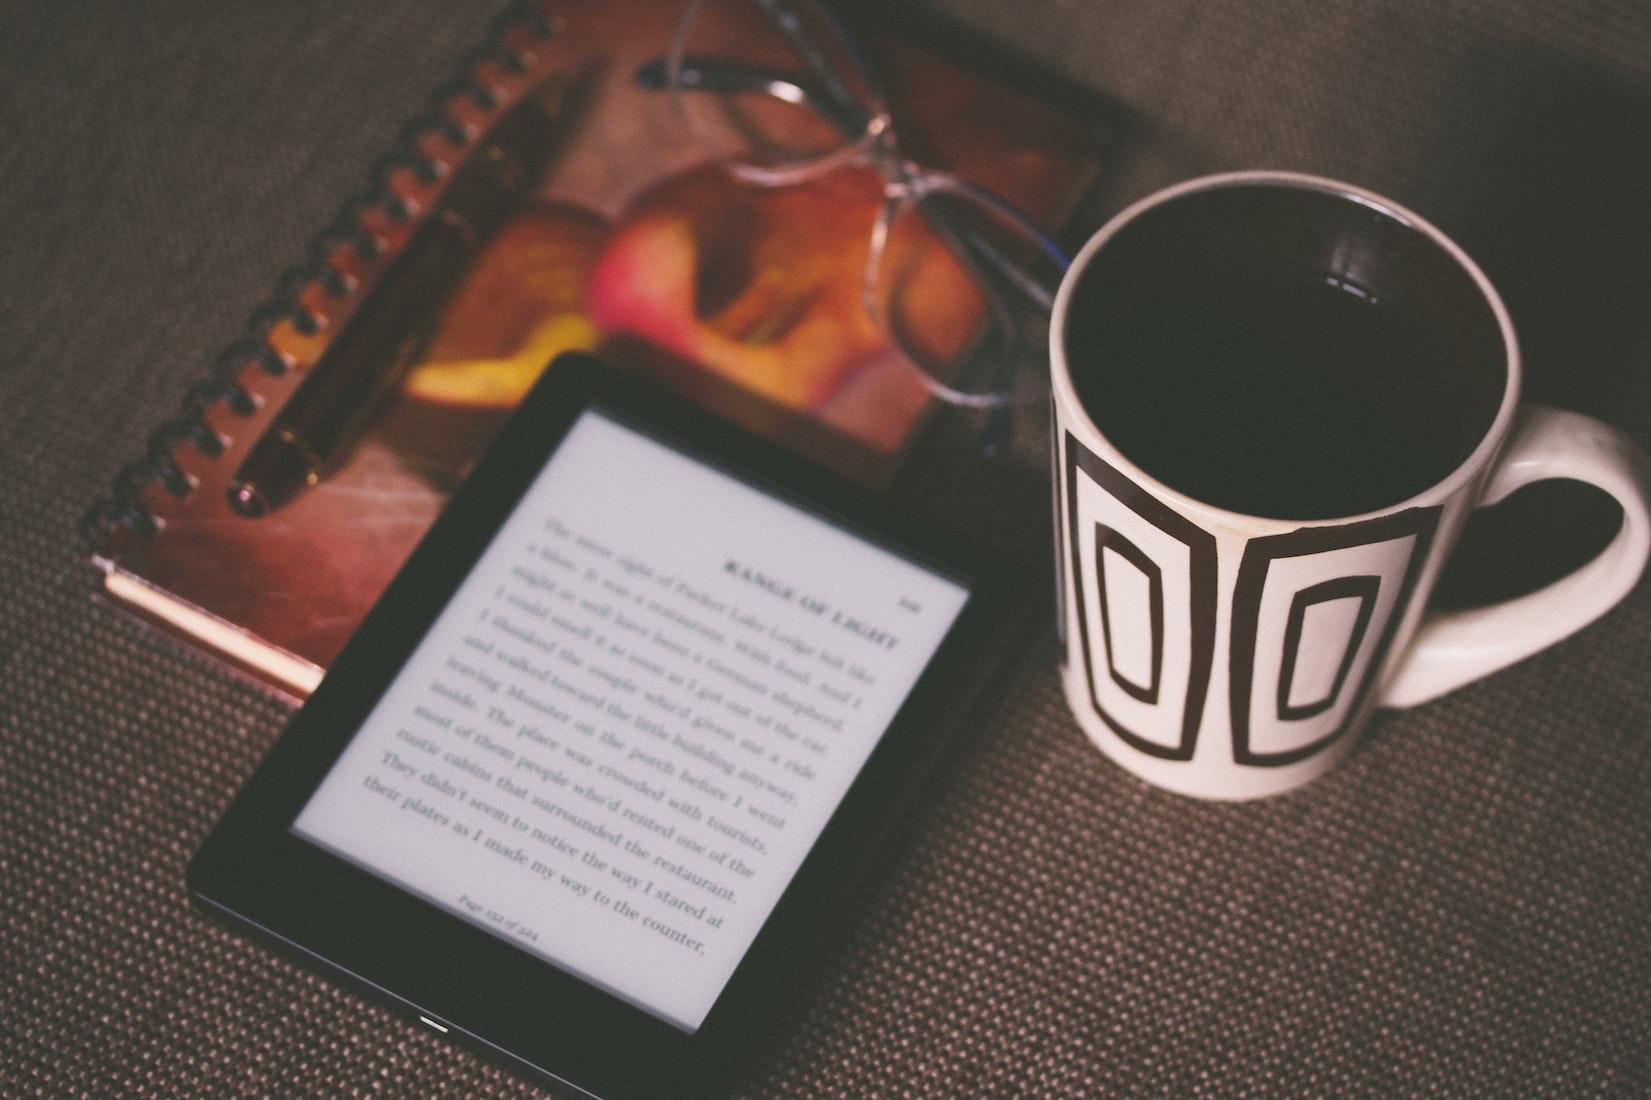 Les Français plébiscitent la lecture digitale